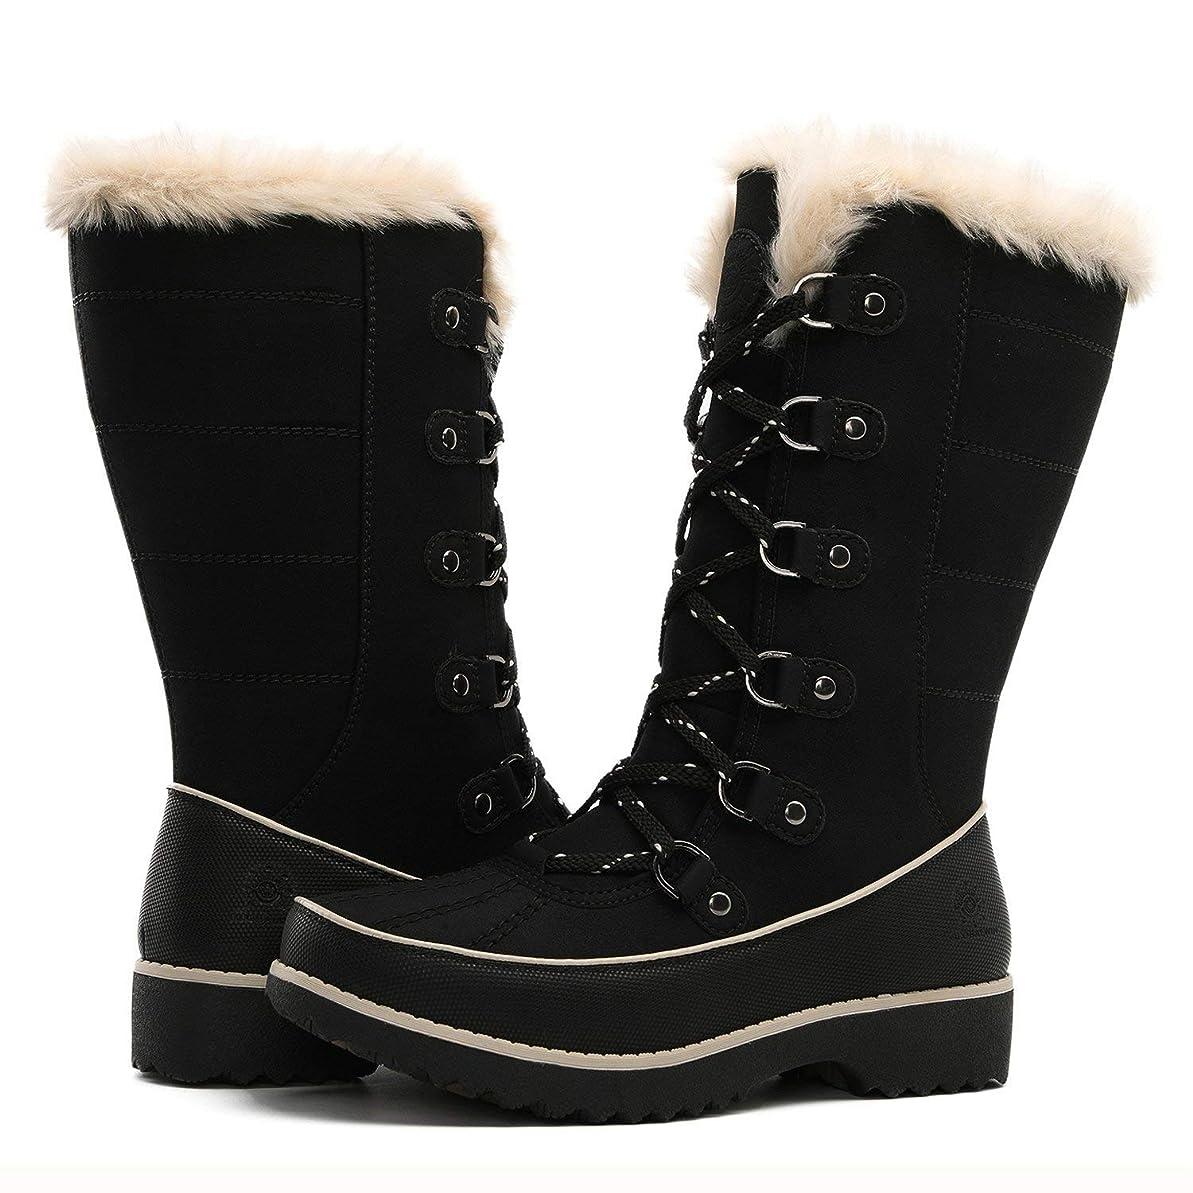 是正バンドルトリクル[Global Win] Women`s Fur Trek Winter Bootsレディースファートレックウィンターブーツ (並行輸入品)